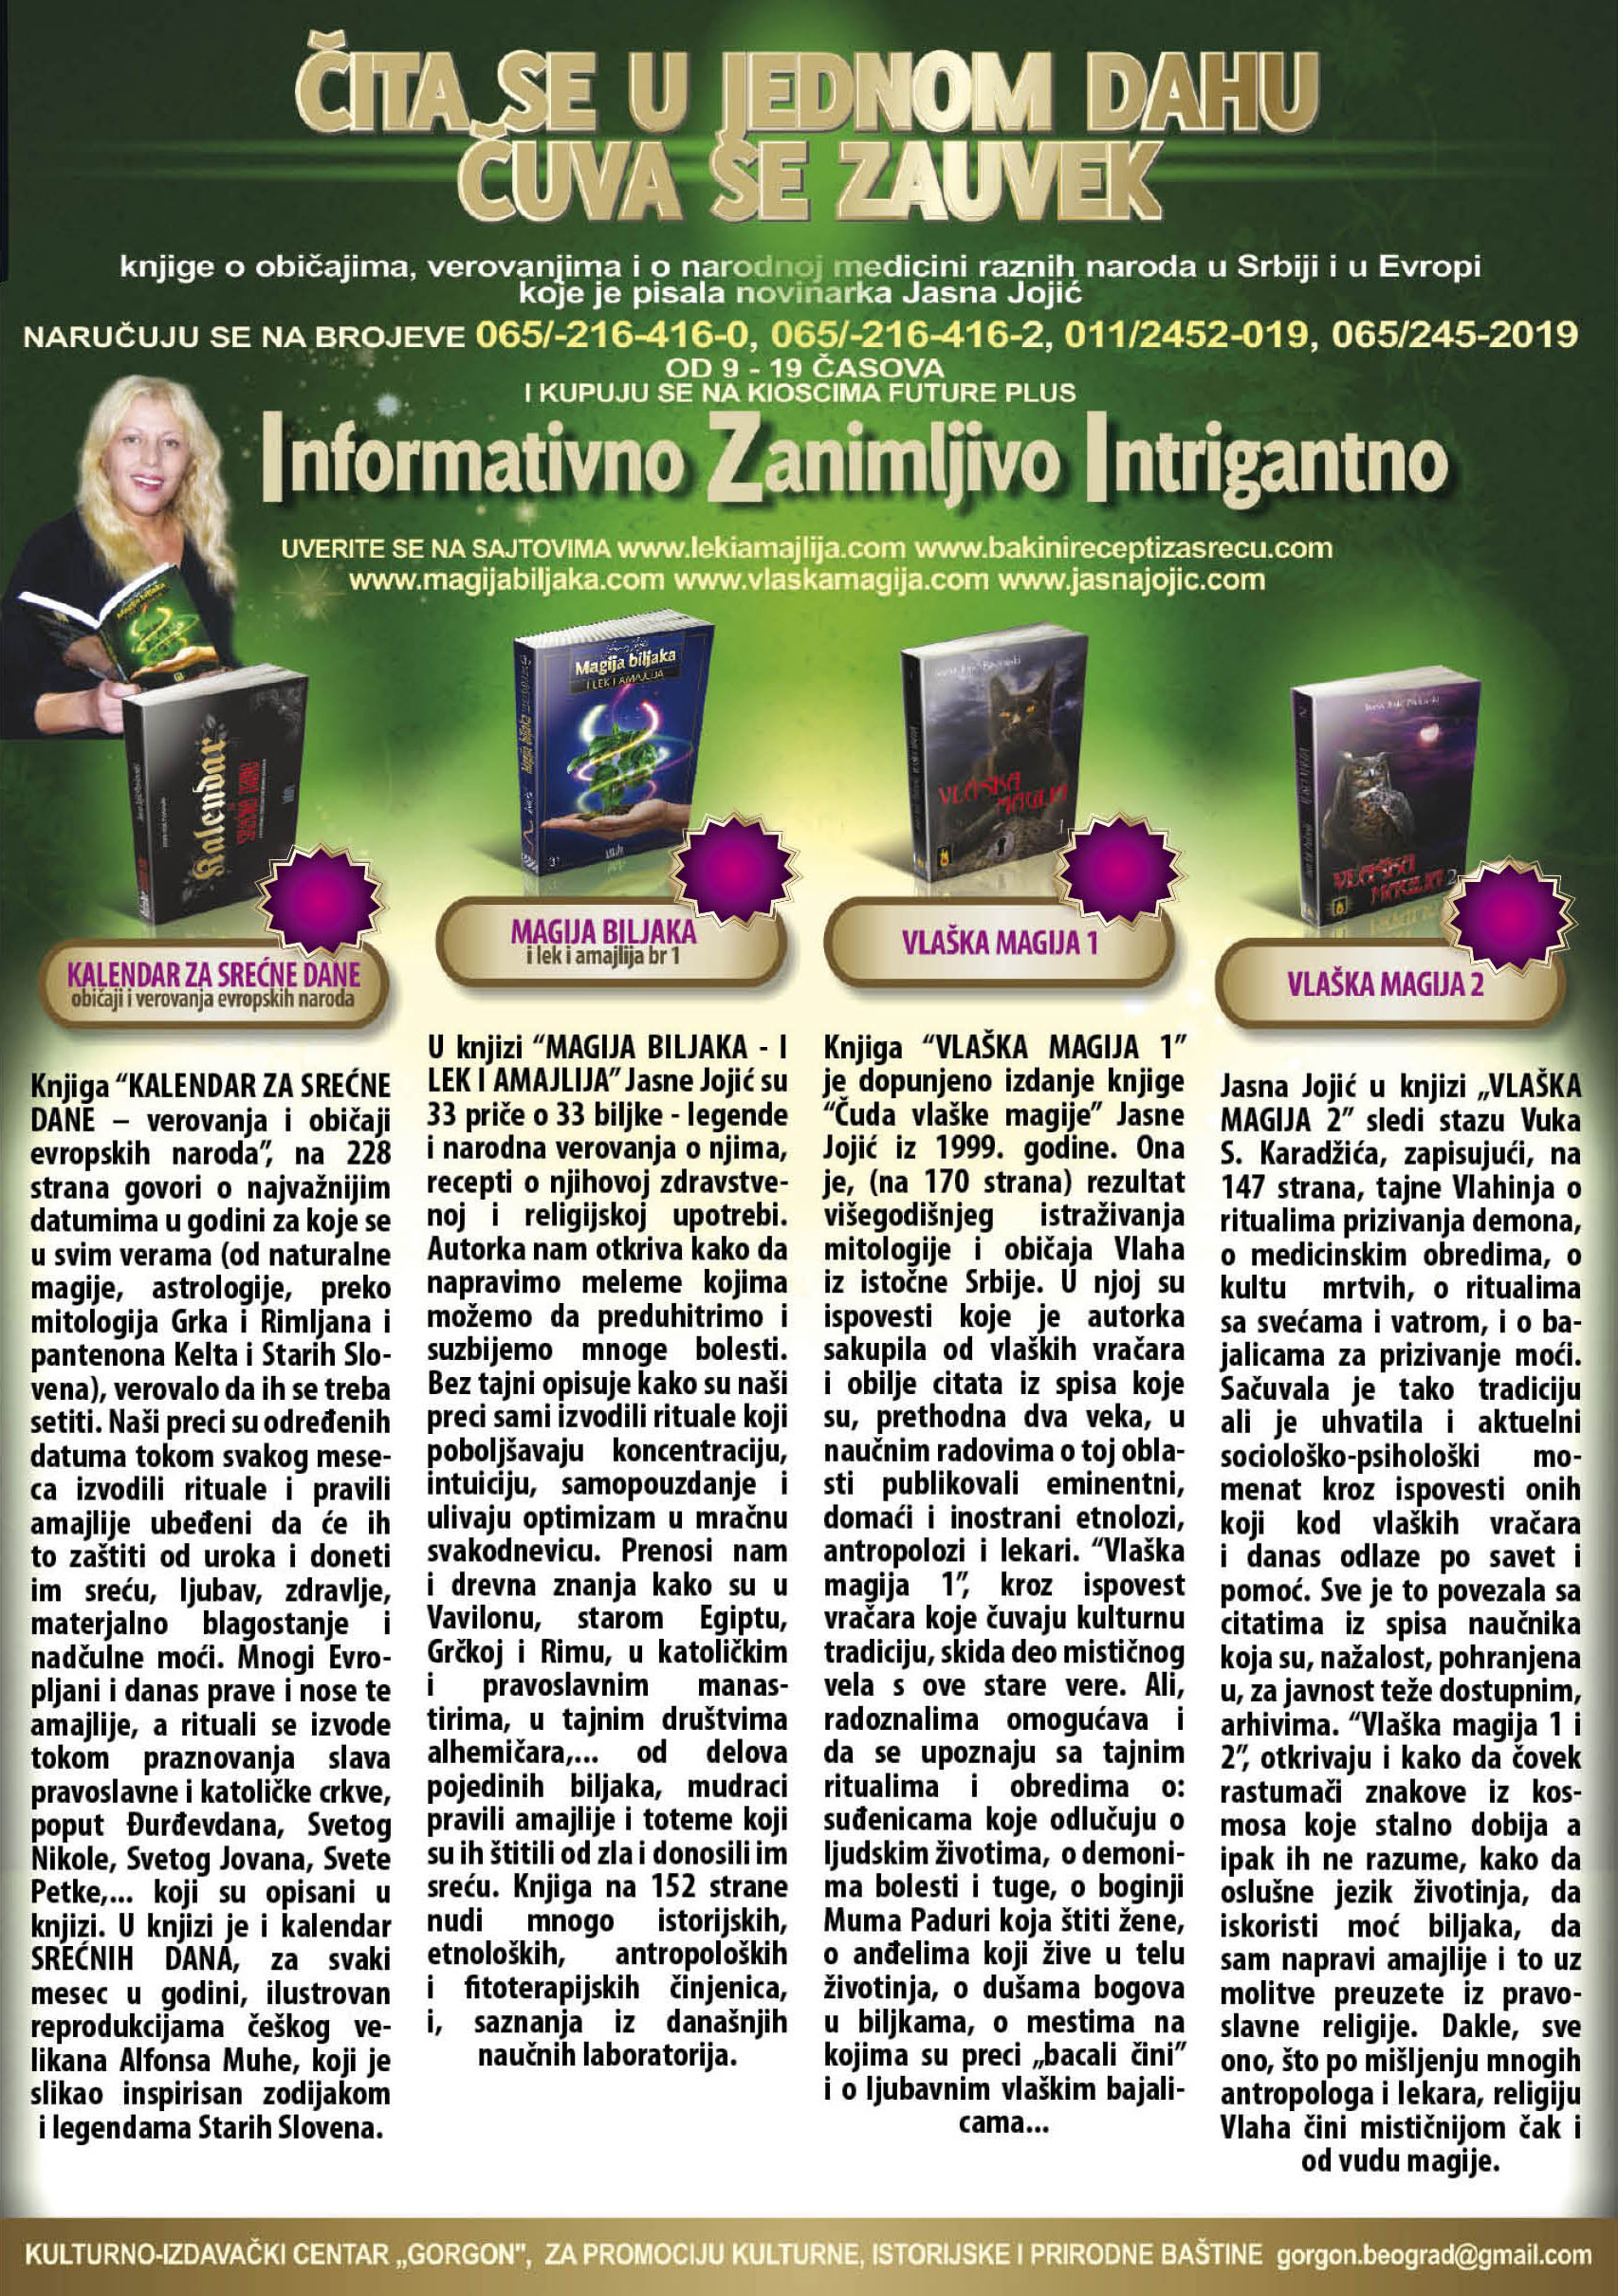 OGLAS knjige zeleni bez cena